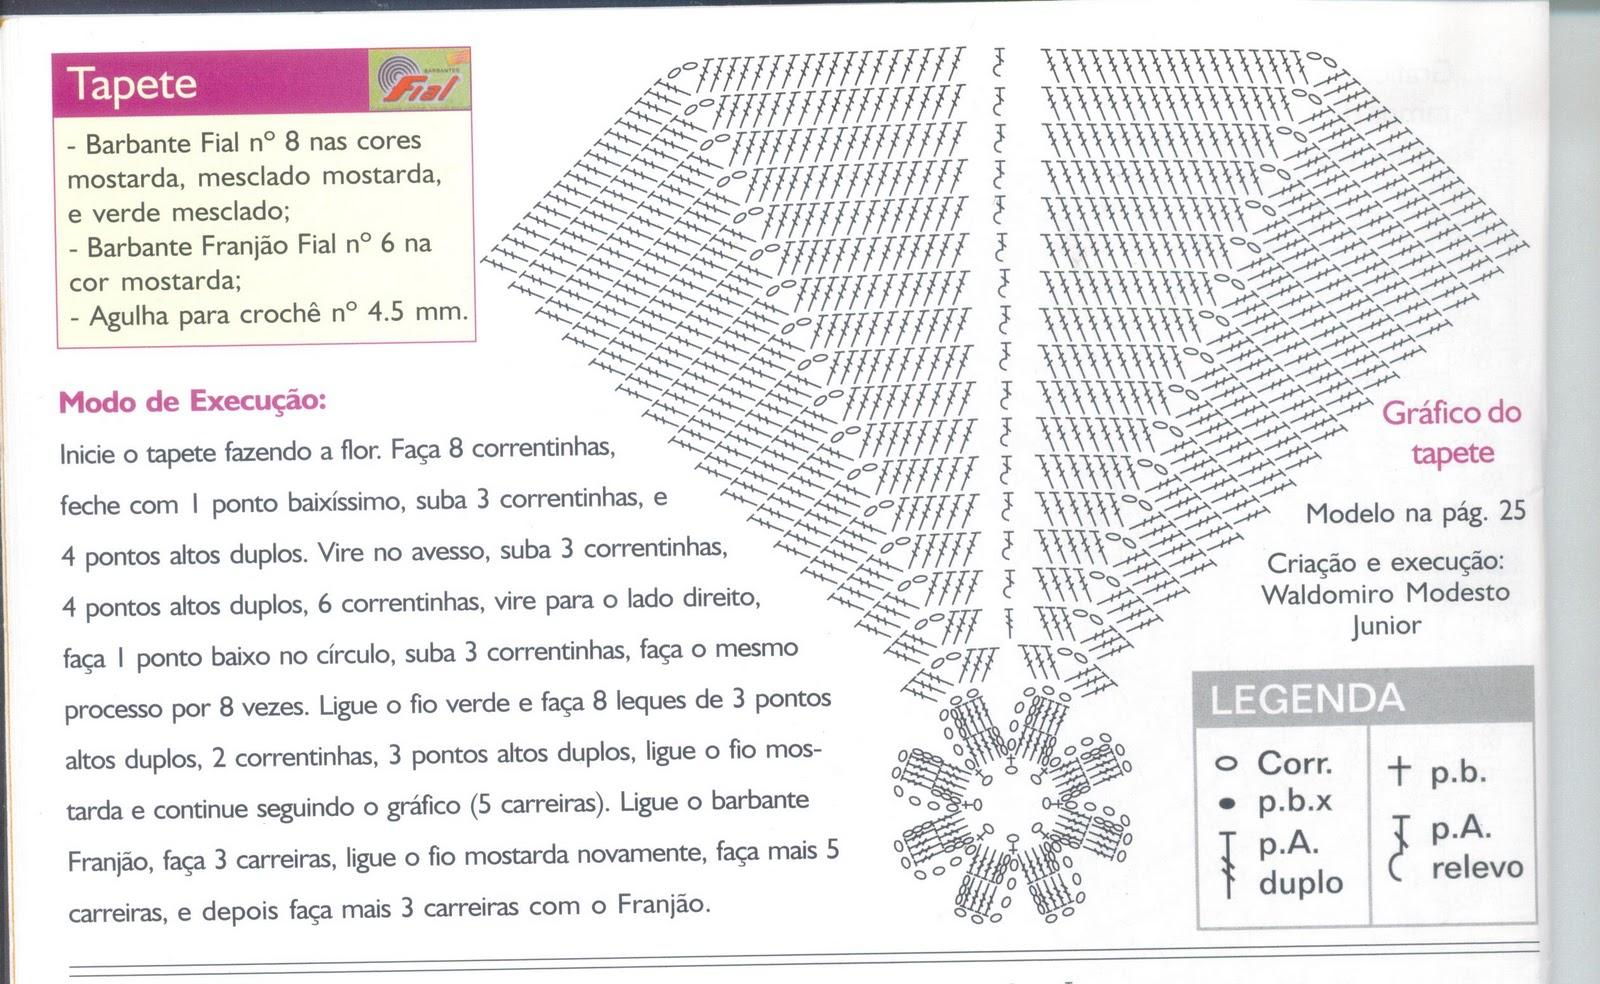 Извещатель рапид 2 схема подключения